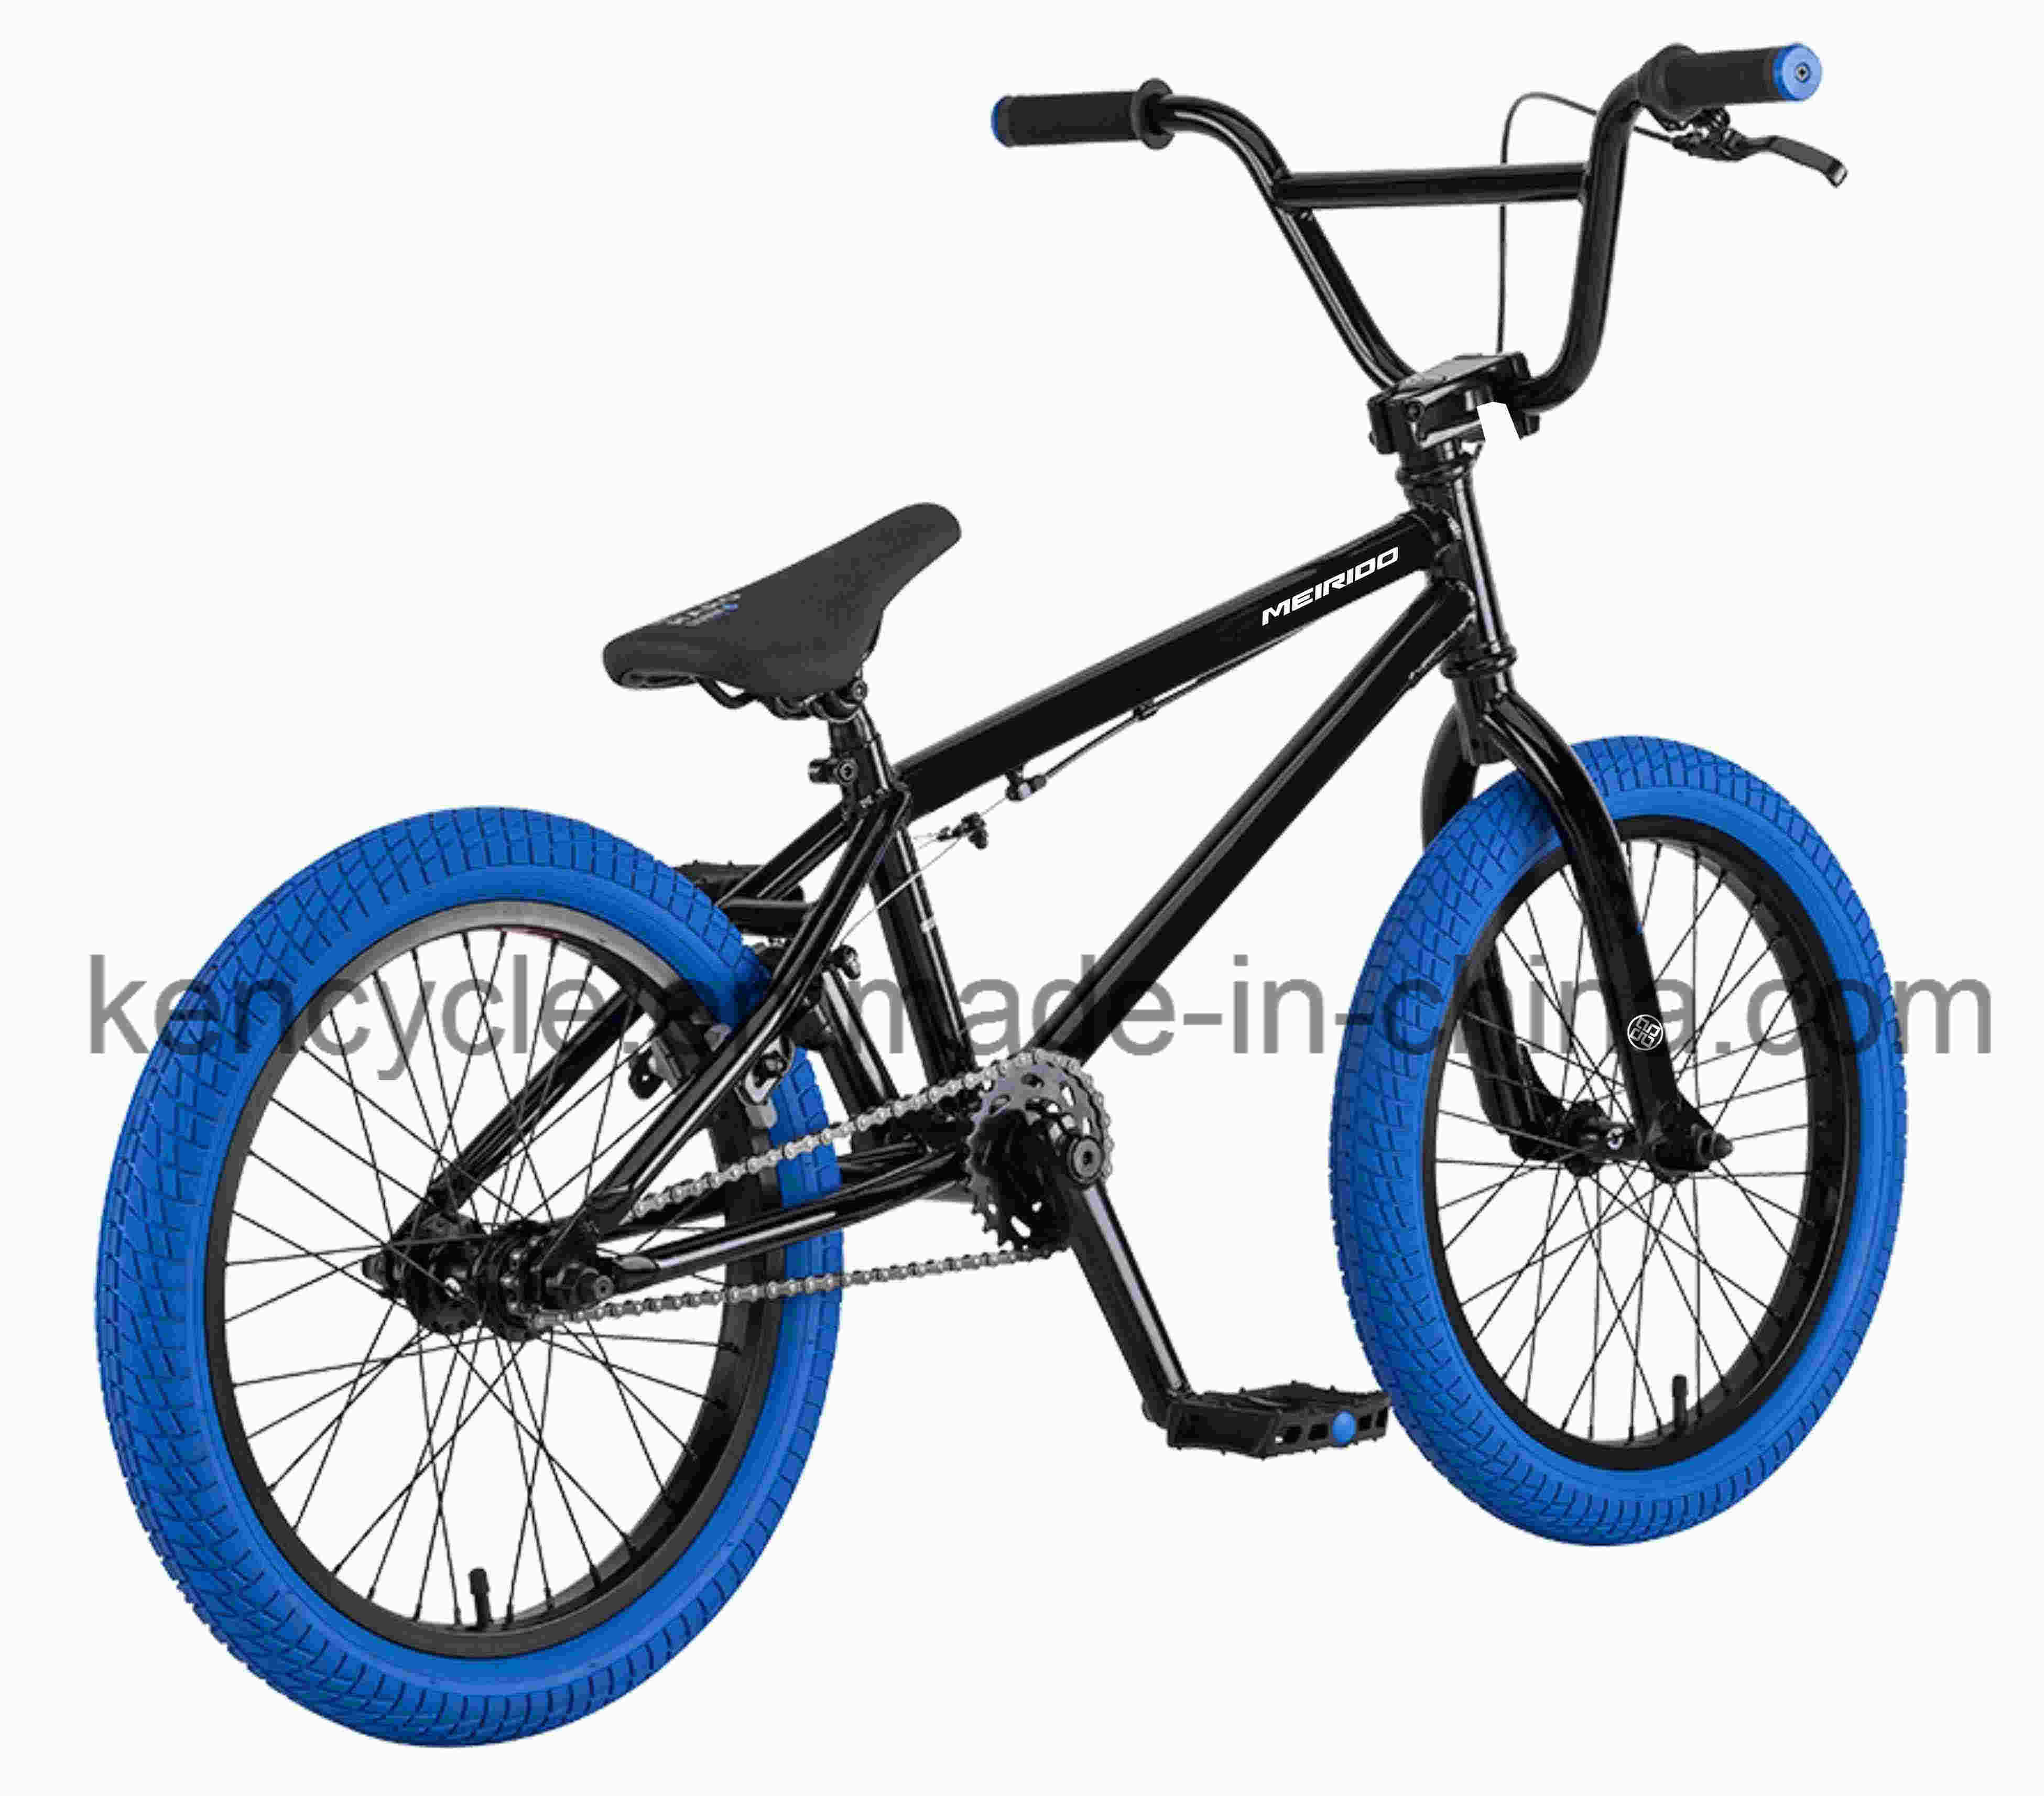 China 20inch New Jugar BMX-Freestyle Bike/BMX/BMX Bikes/Freesty BMX ...